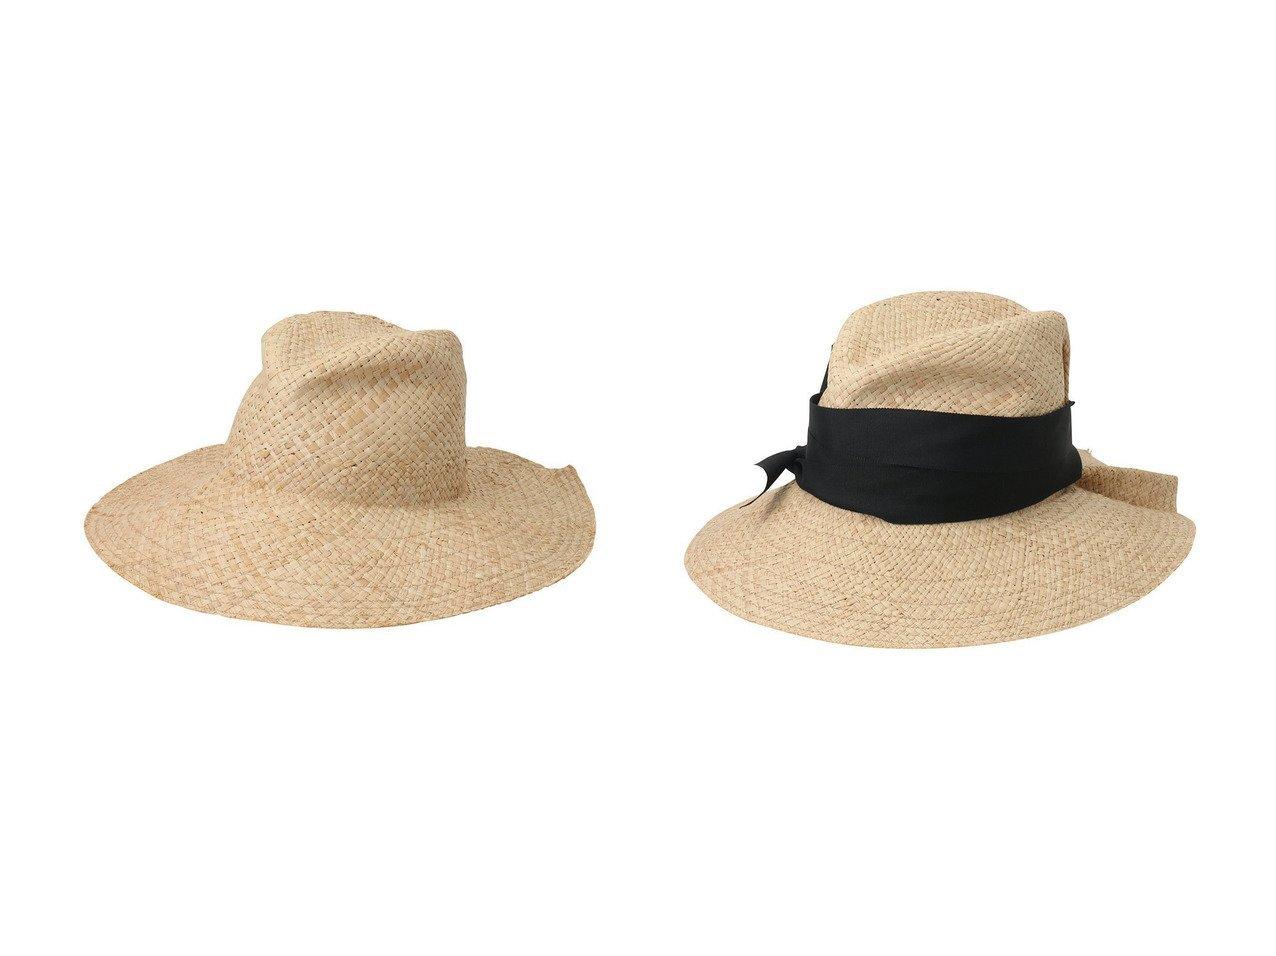 【heliopole/エリオポール】の【Lola HATS】ラフィアリボンハット COMMANDO&【Lola HATS】ラフィアリボンハット FIRSTAID おすすめ!人気、トレンド・レディースファッションの通販 おすすめで人気の流行・トレンド、ファッションの通販商品 インテリア・家具・メンズファッション・キッズファッション・レディースファッション・服の通販 founy(ファニー) https://founy.com/ ファッション Fashion レディースファッション WOMEN 帽子 Hats シンプル ラフィア 今季 定番 Standard ニューヨーク 帽子 |ID:crp329100000045488